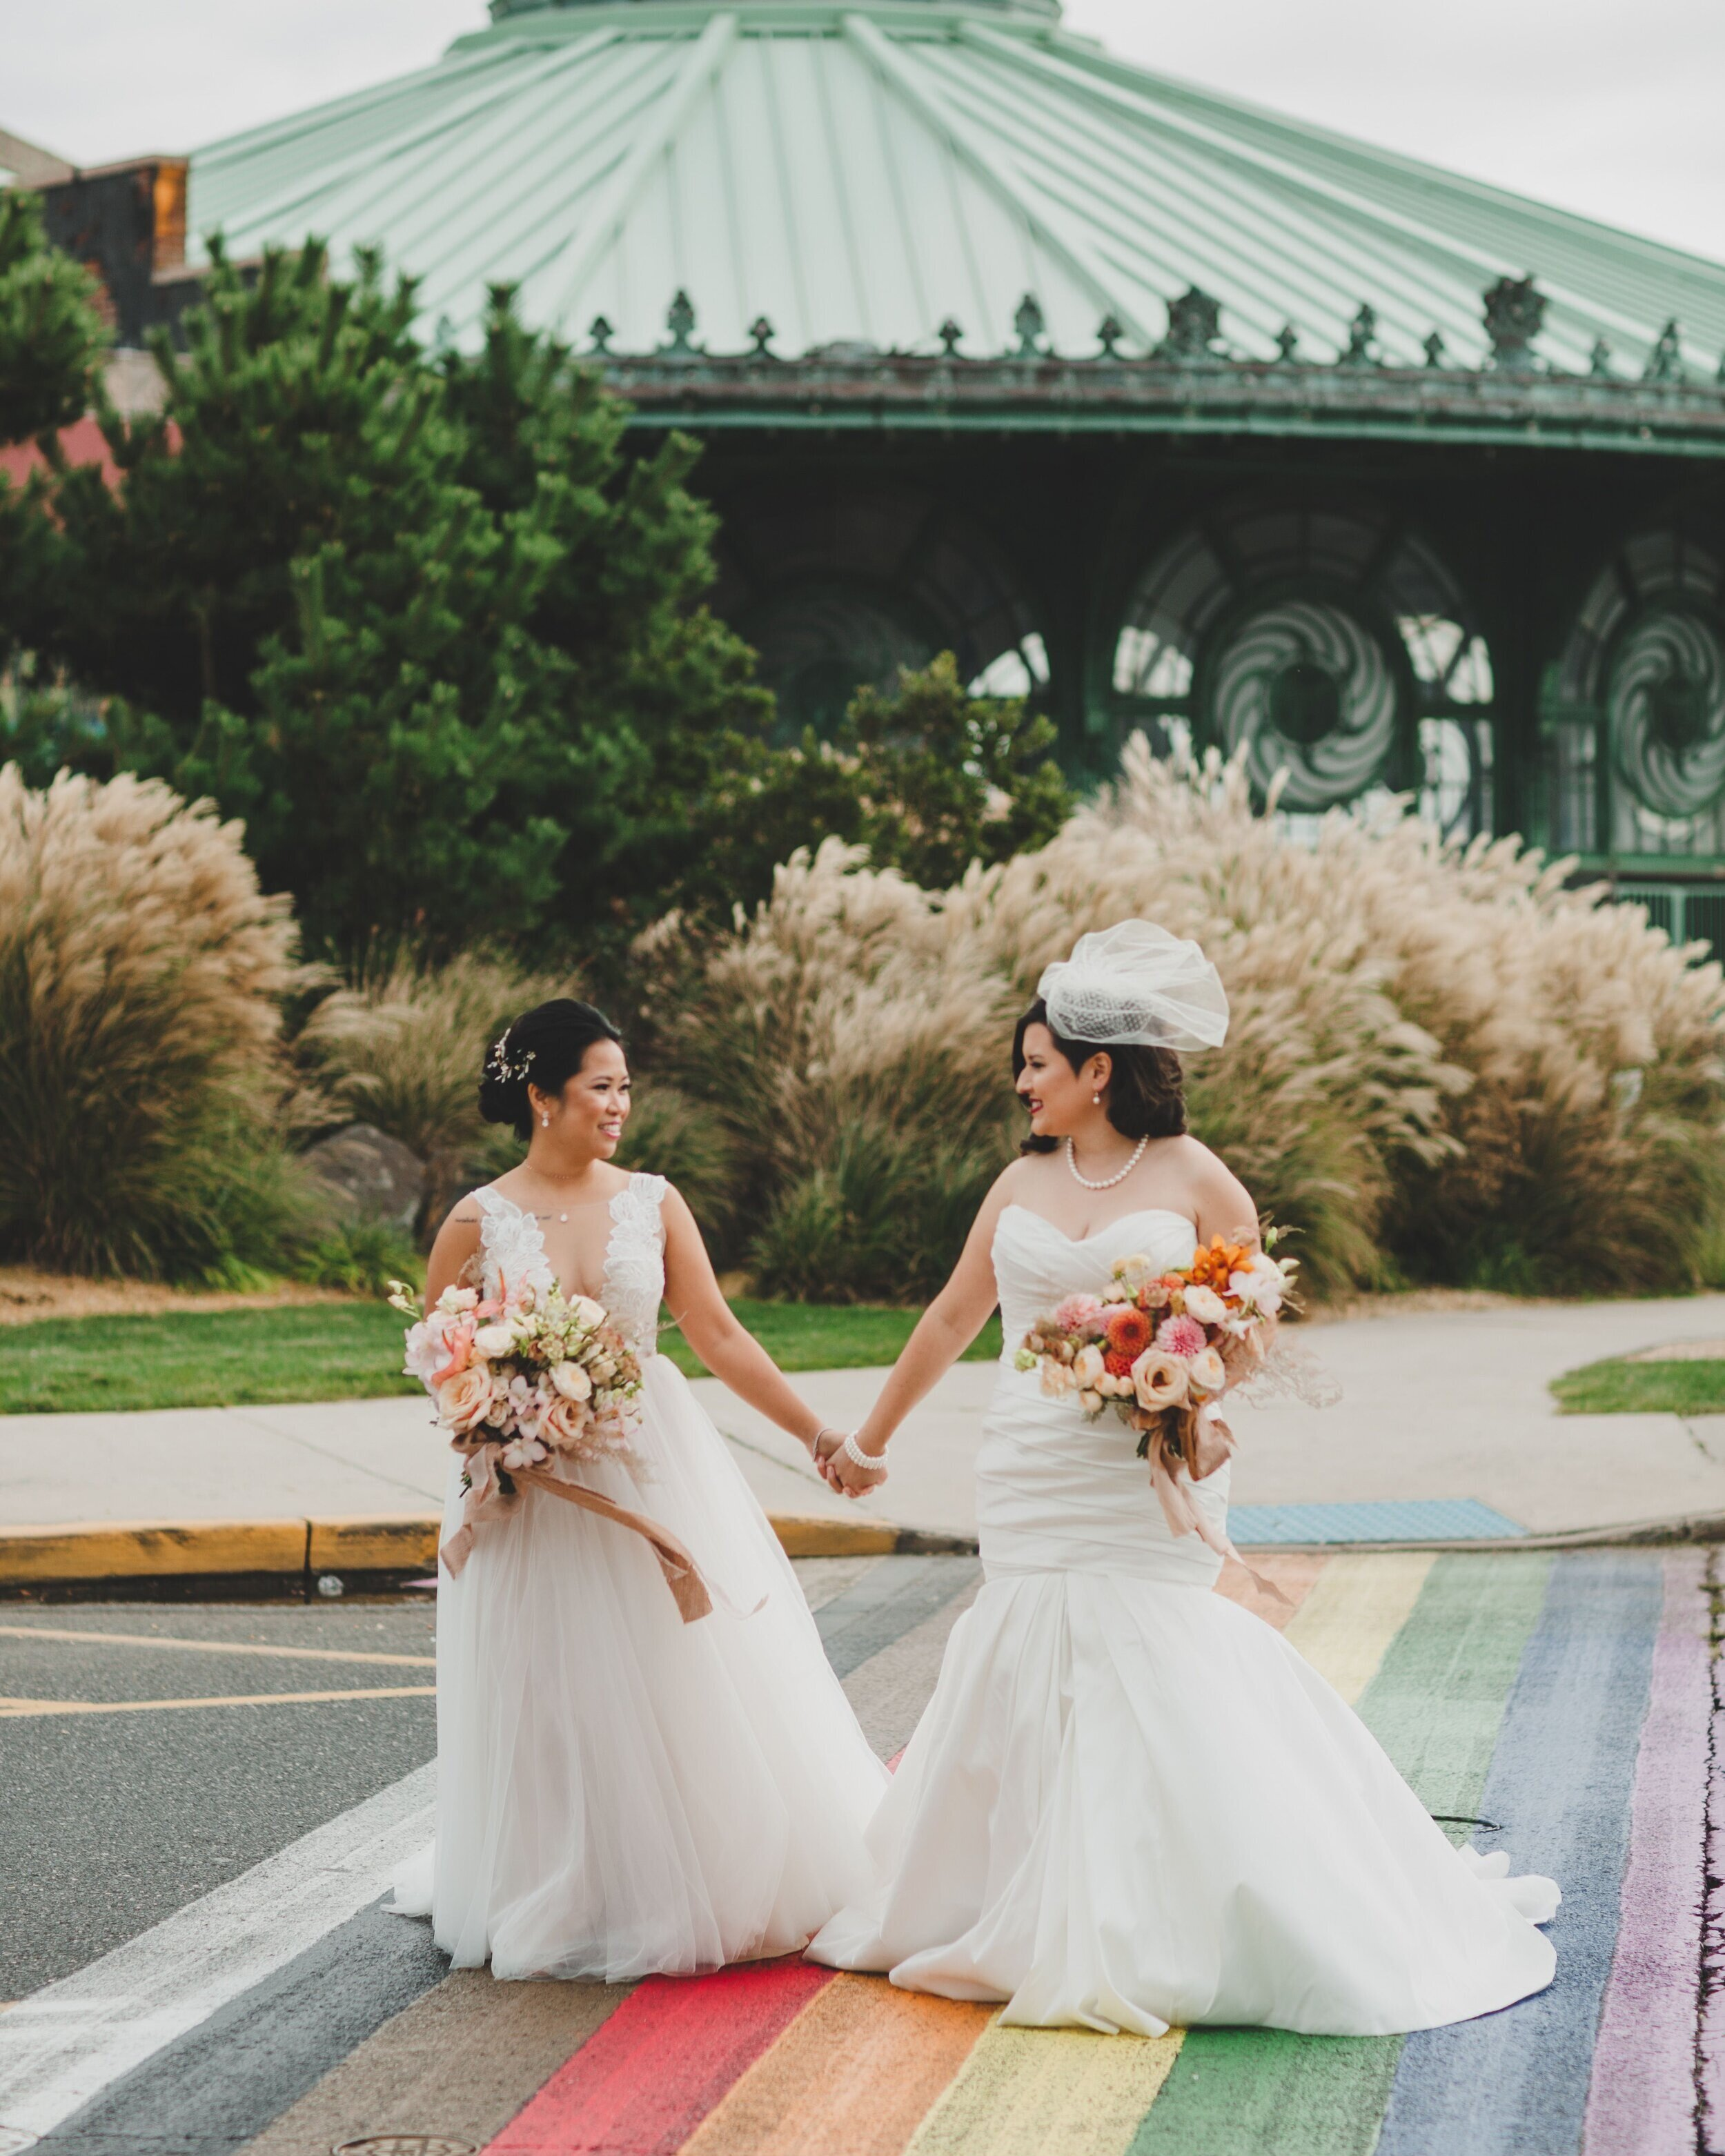 About Nj Ny Wedding Florist Florals Kerry Patel Poetic Florals,Petite Dresses Wedding Guest